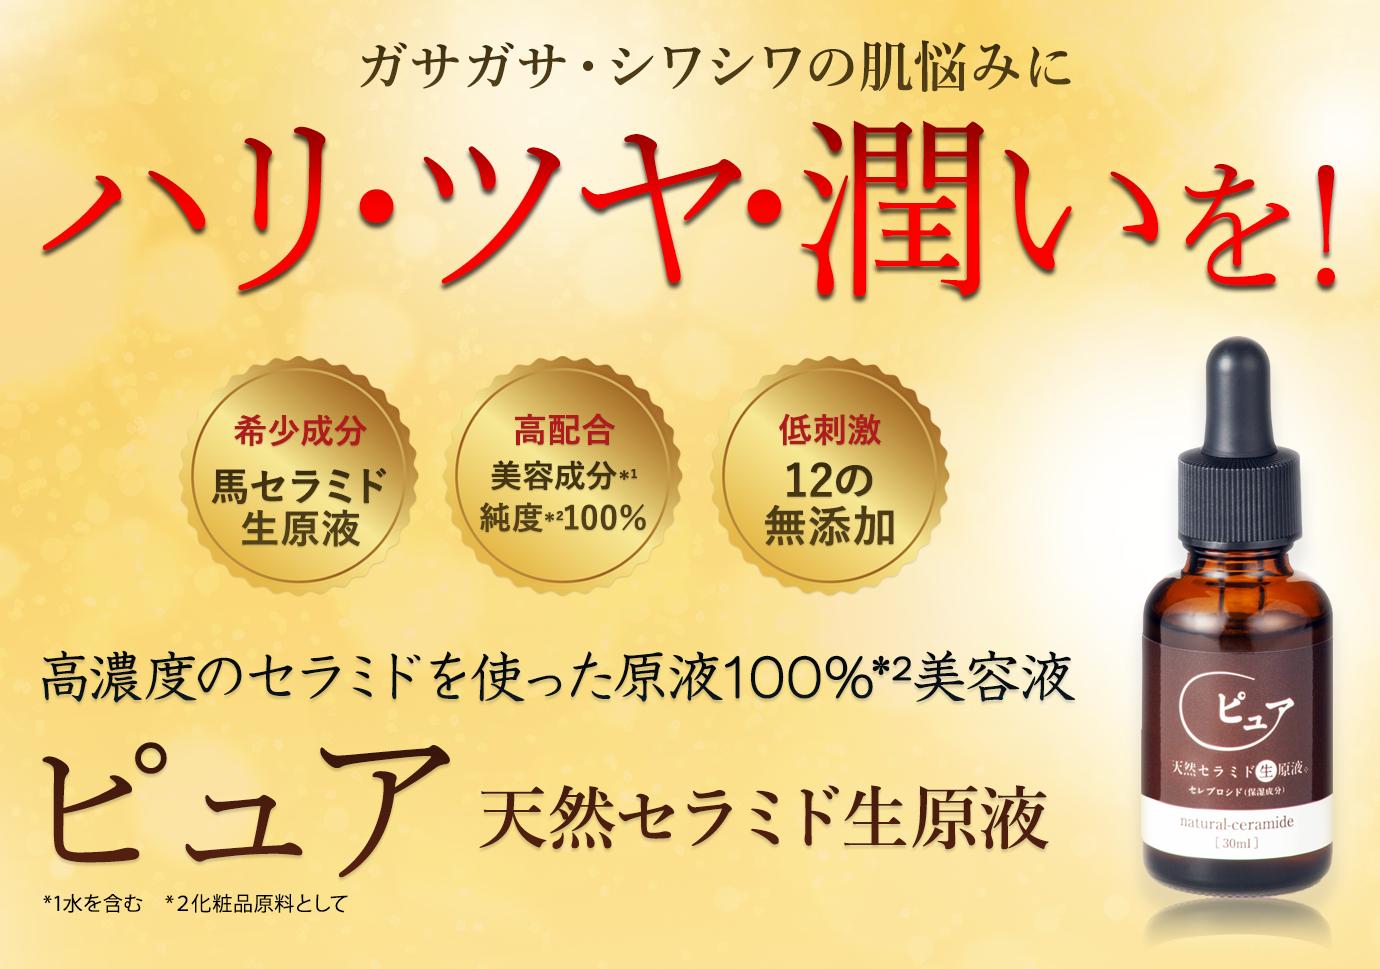 高濃度のセラミドを使った原液100%美容液 ピュア 天然セラミド生原液